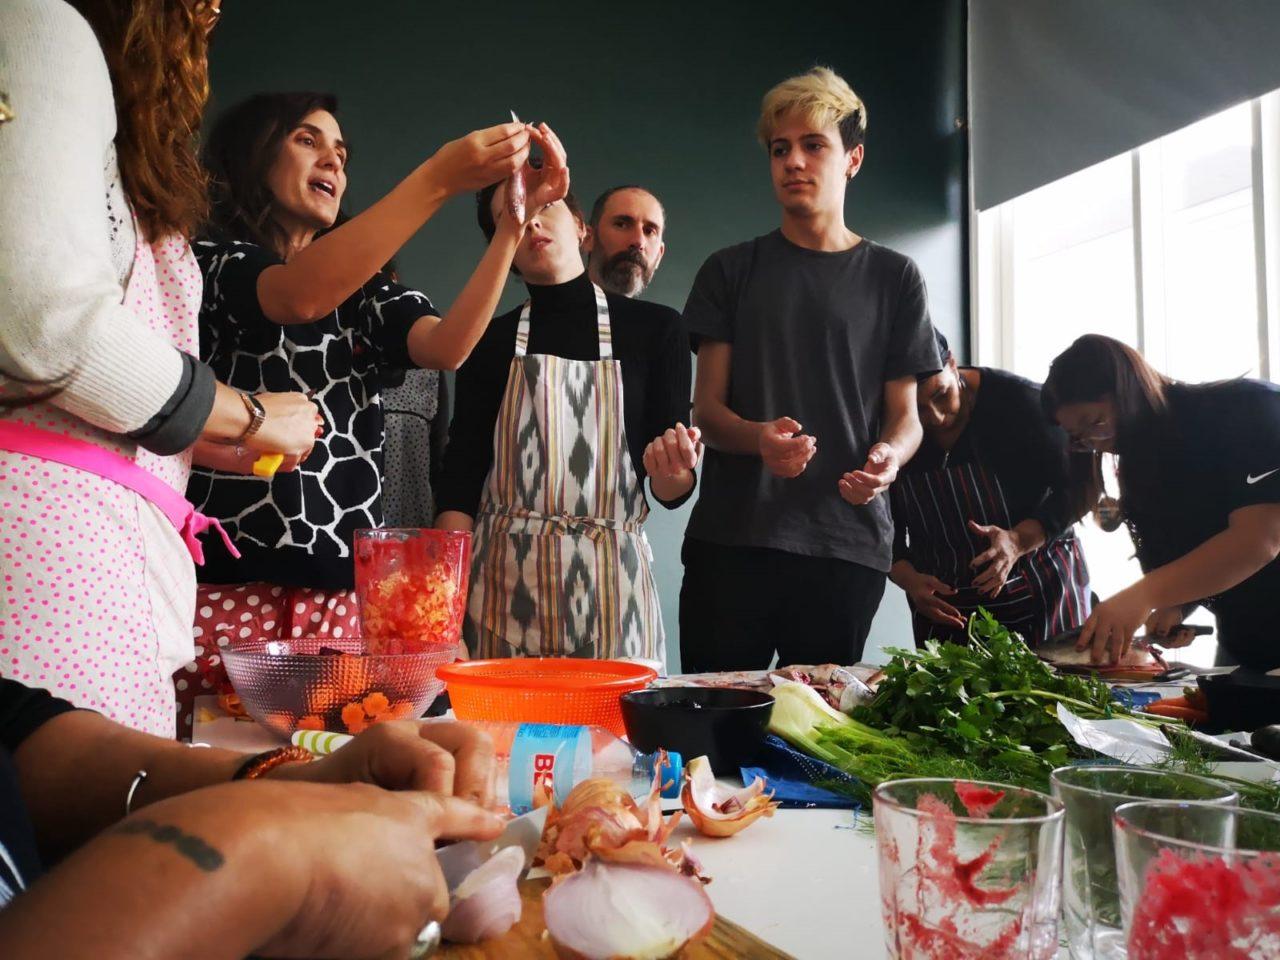 La cuina – Taller a càrrec de Marina Monsonís